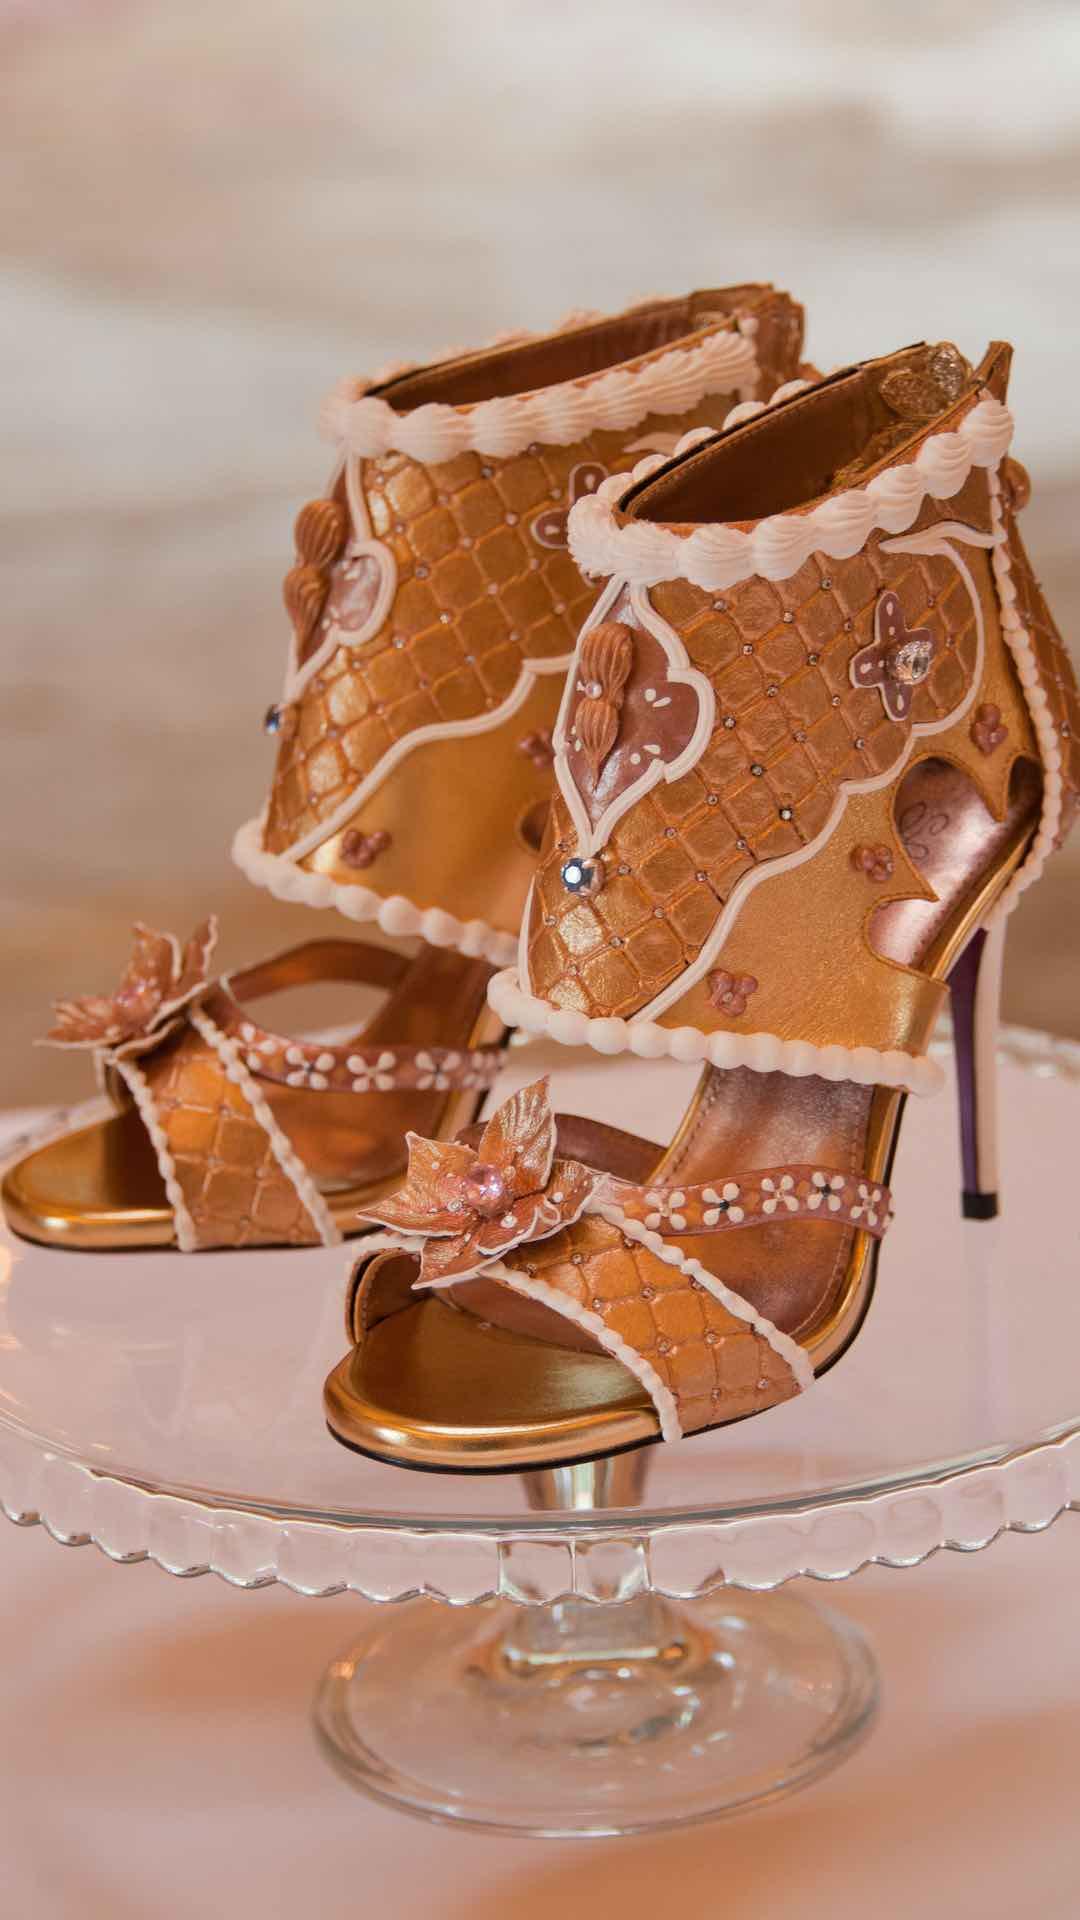 Debbie Wingham crea los zapatos más caros del mundo -- $15.1 millones por el par